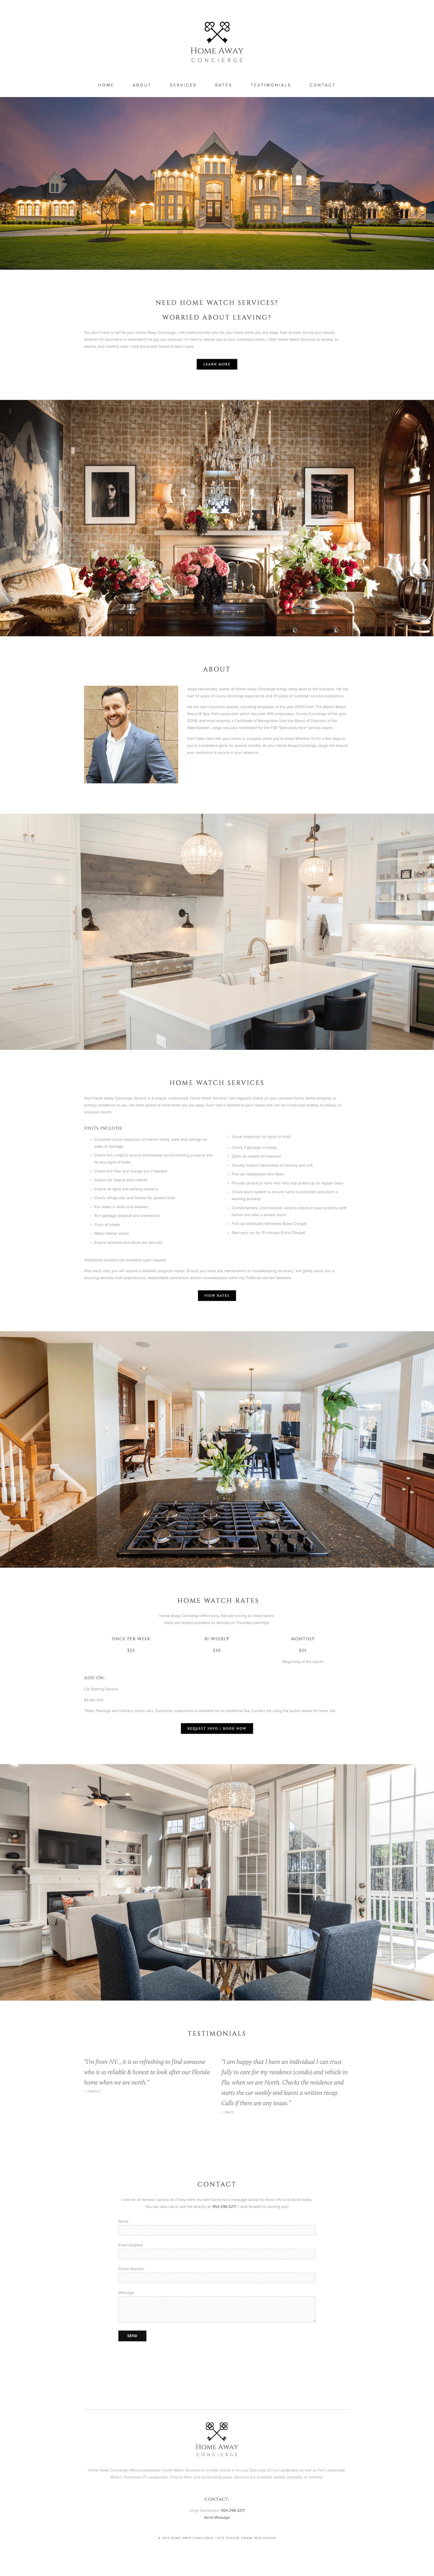 home-watch-service-website-design-squarespace-awake-web-design-sm.png